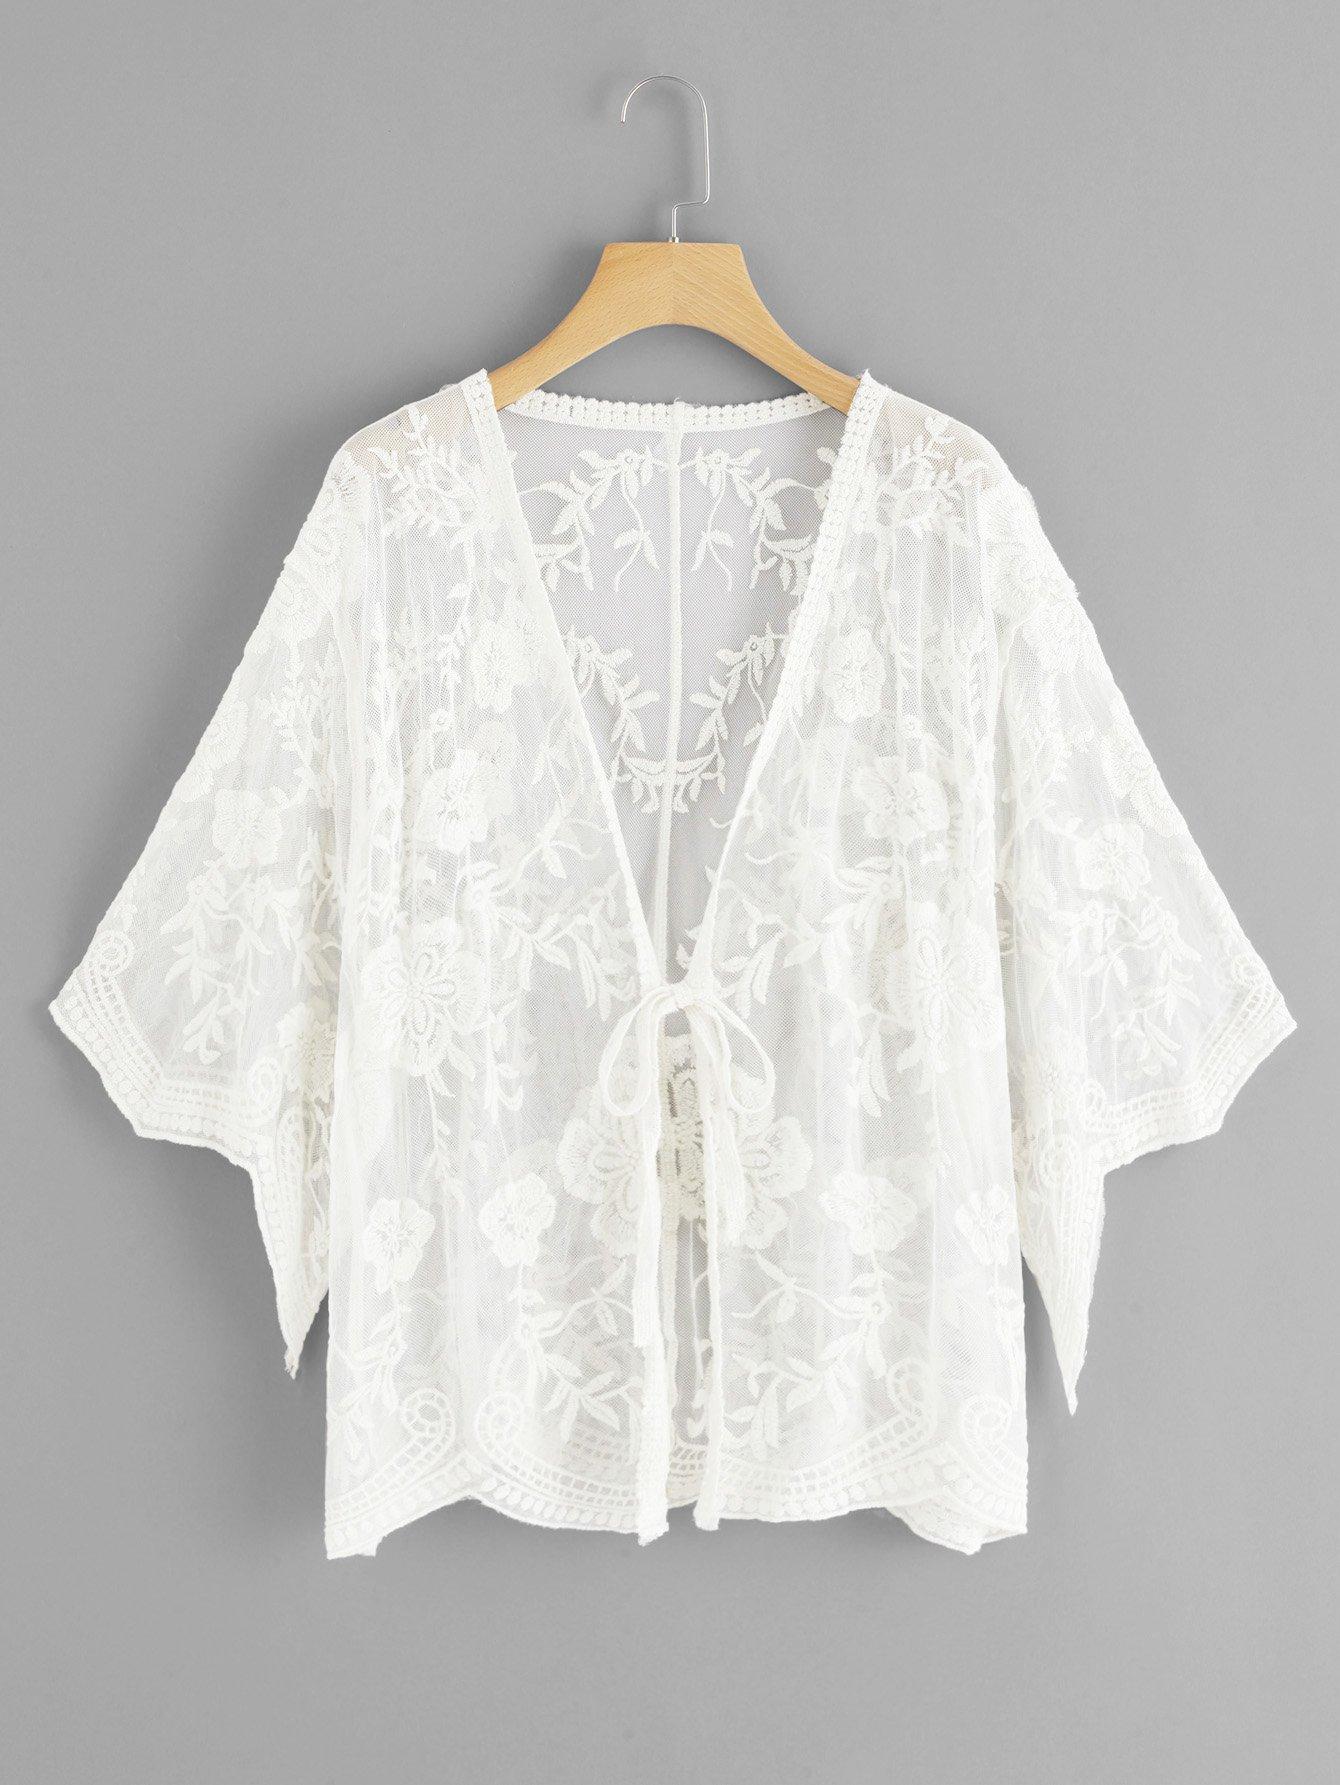 Купить Повседневный Одноцветный с бантом кимоно Абрикосовые Кимоно, null, SheIn